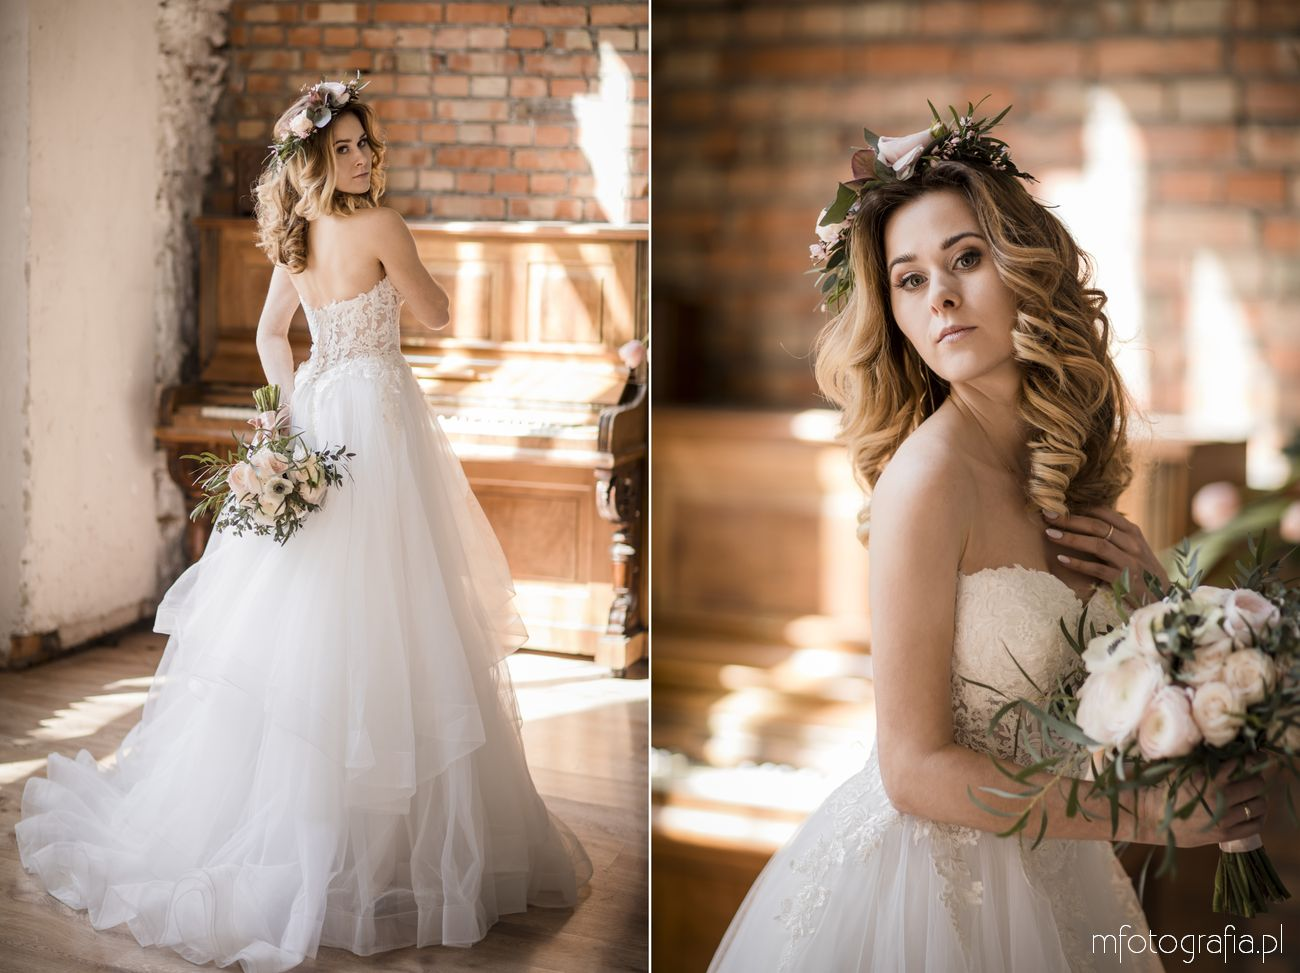 Inspirujący wianek ślubny w stylu romantycznym